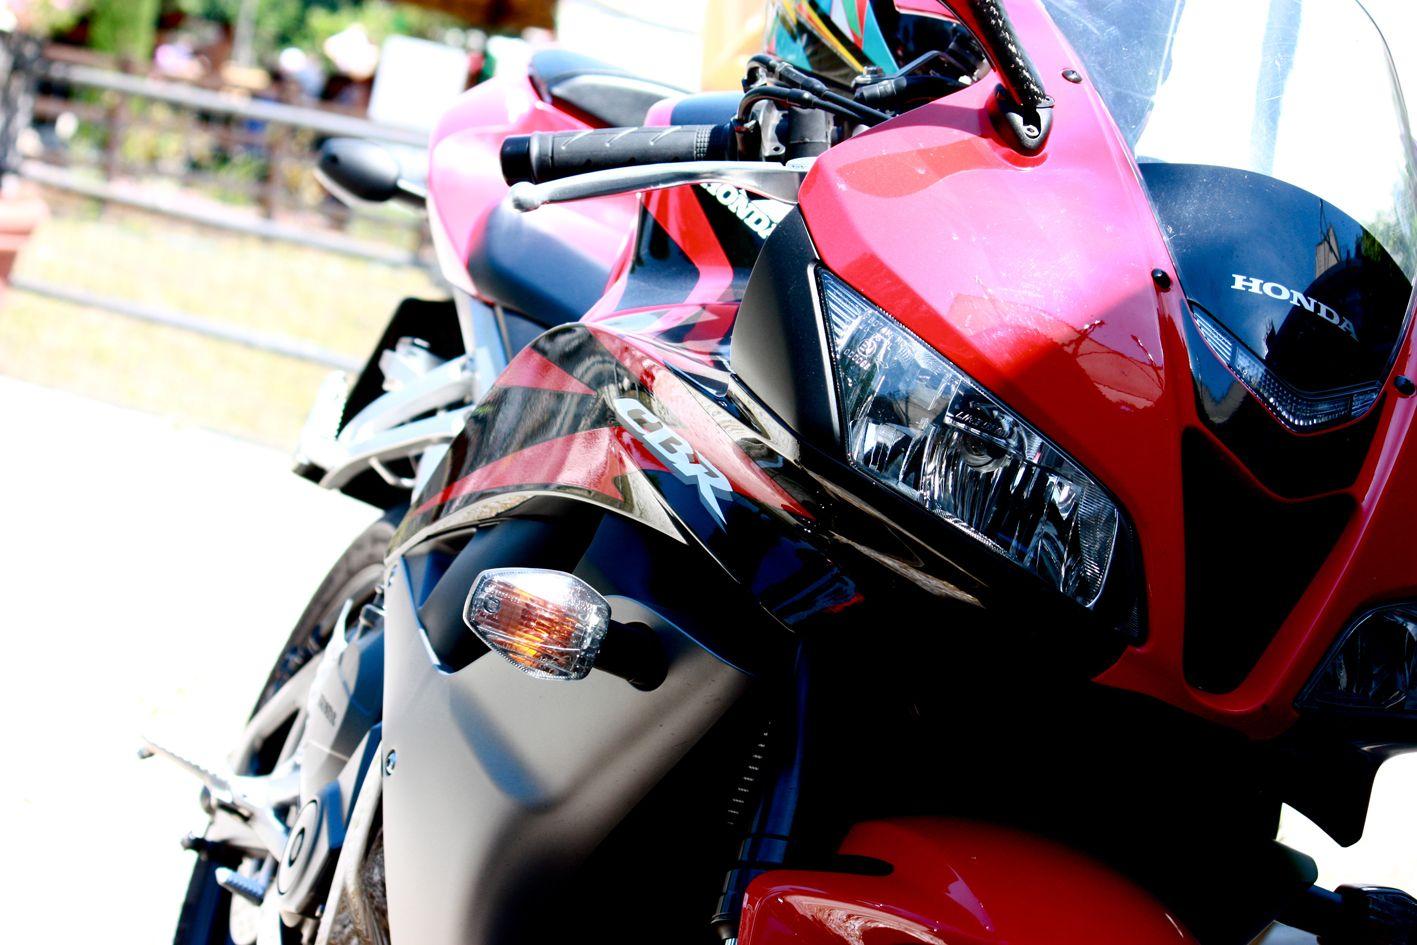 Superbe Honda CBR 600 RR